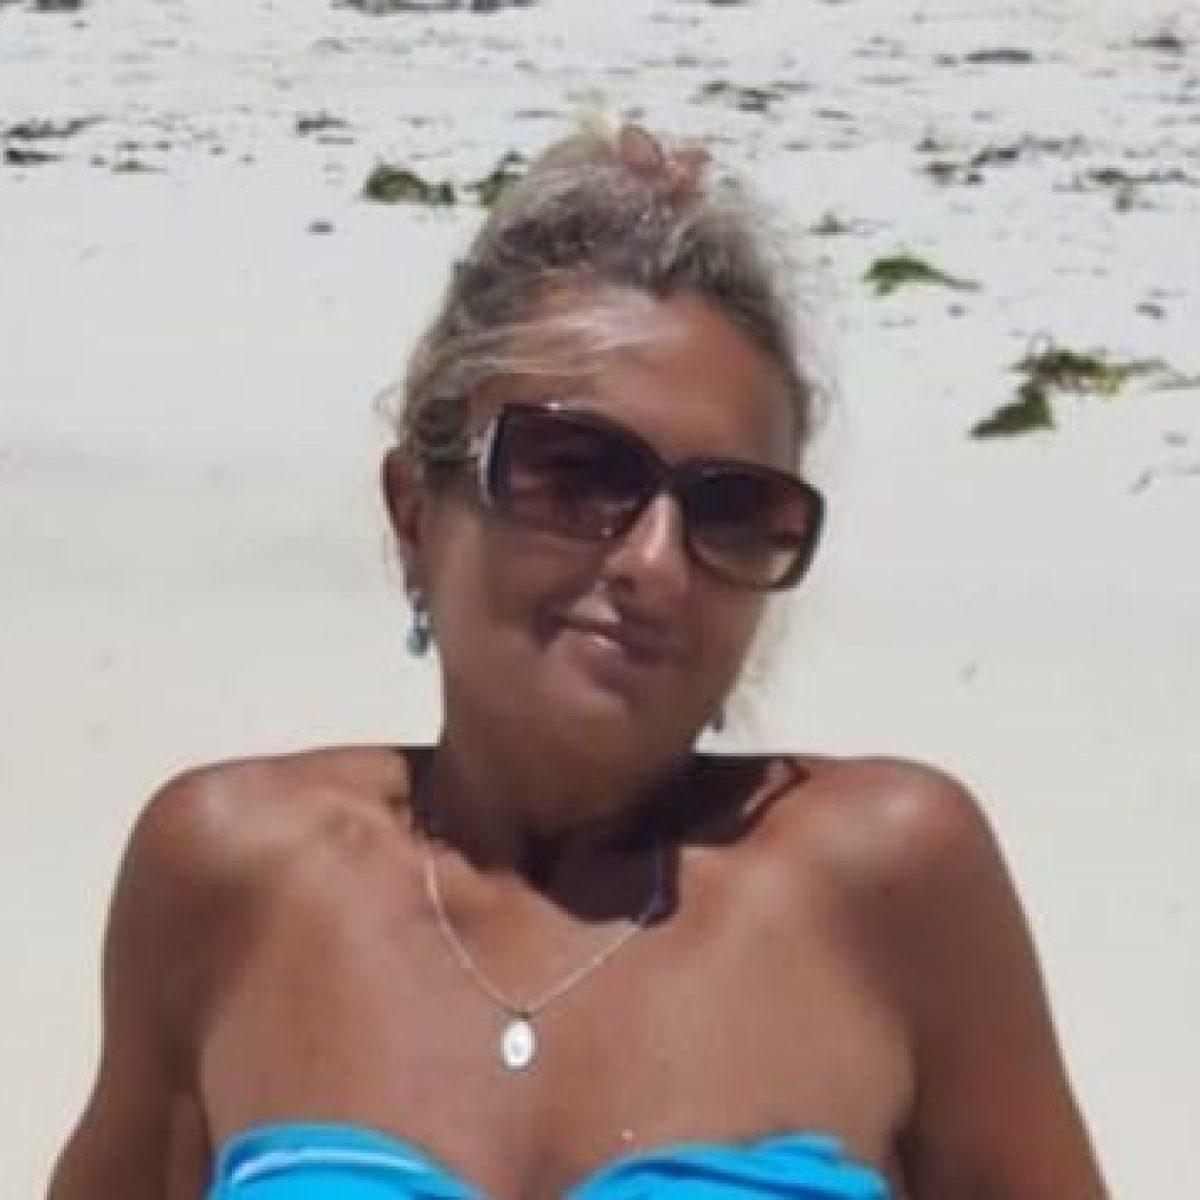 savona-turista-investita-spiaggia-camioncino